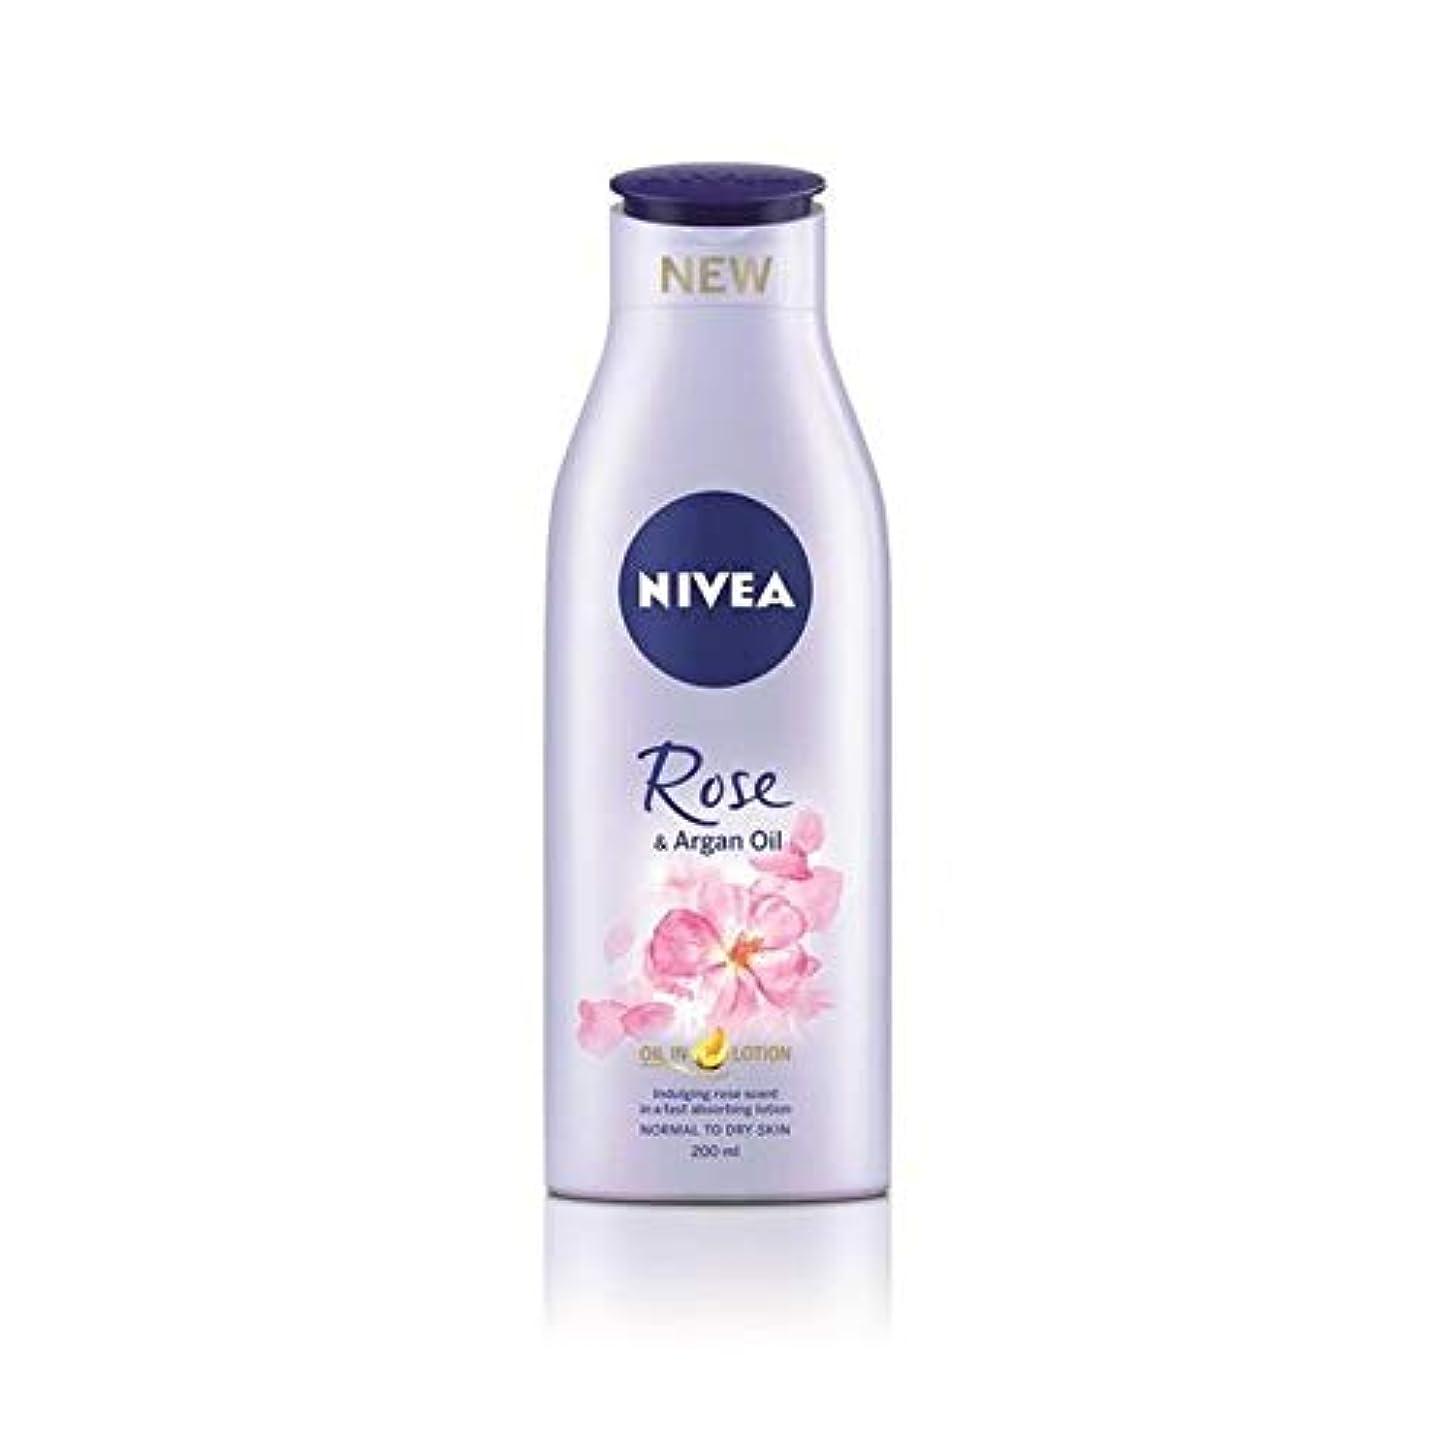 広告主護衛硬化する[Nivea ] ニベアは、ローズ&アルガンオイルボディローション200Ml - Nivea Rose & Argan Oil Body Lotion 200ml [並行輸入品]